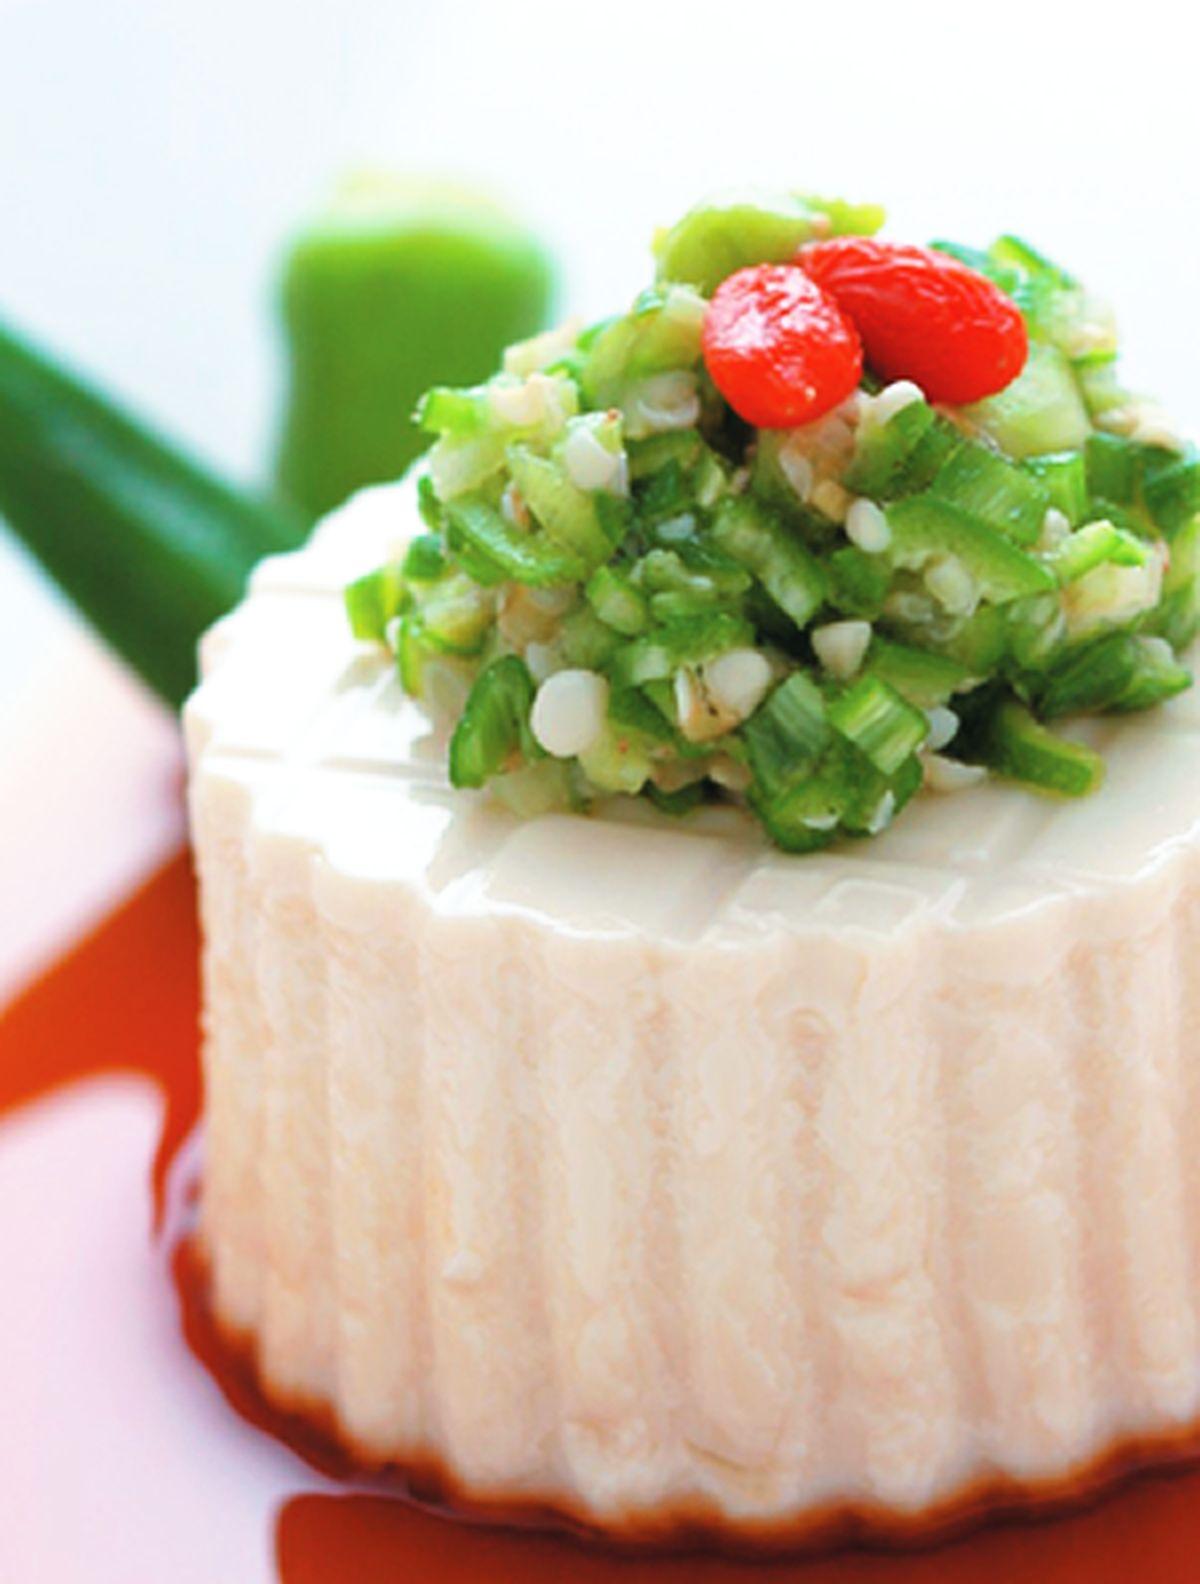 食譜:秋葵拌豆腐